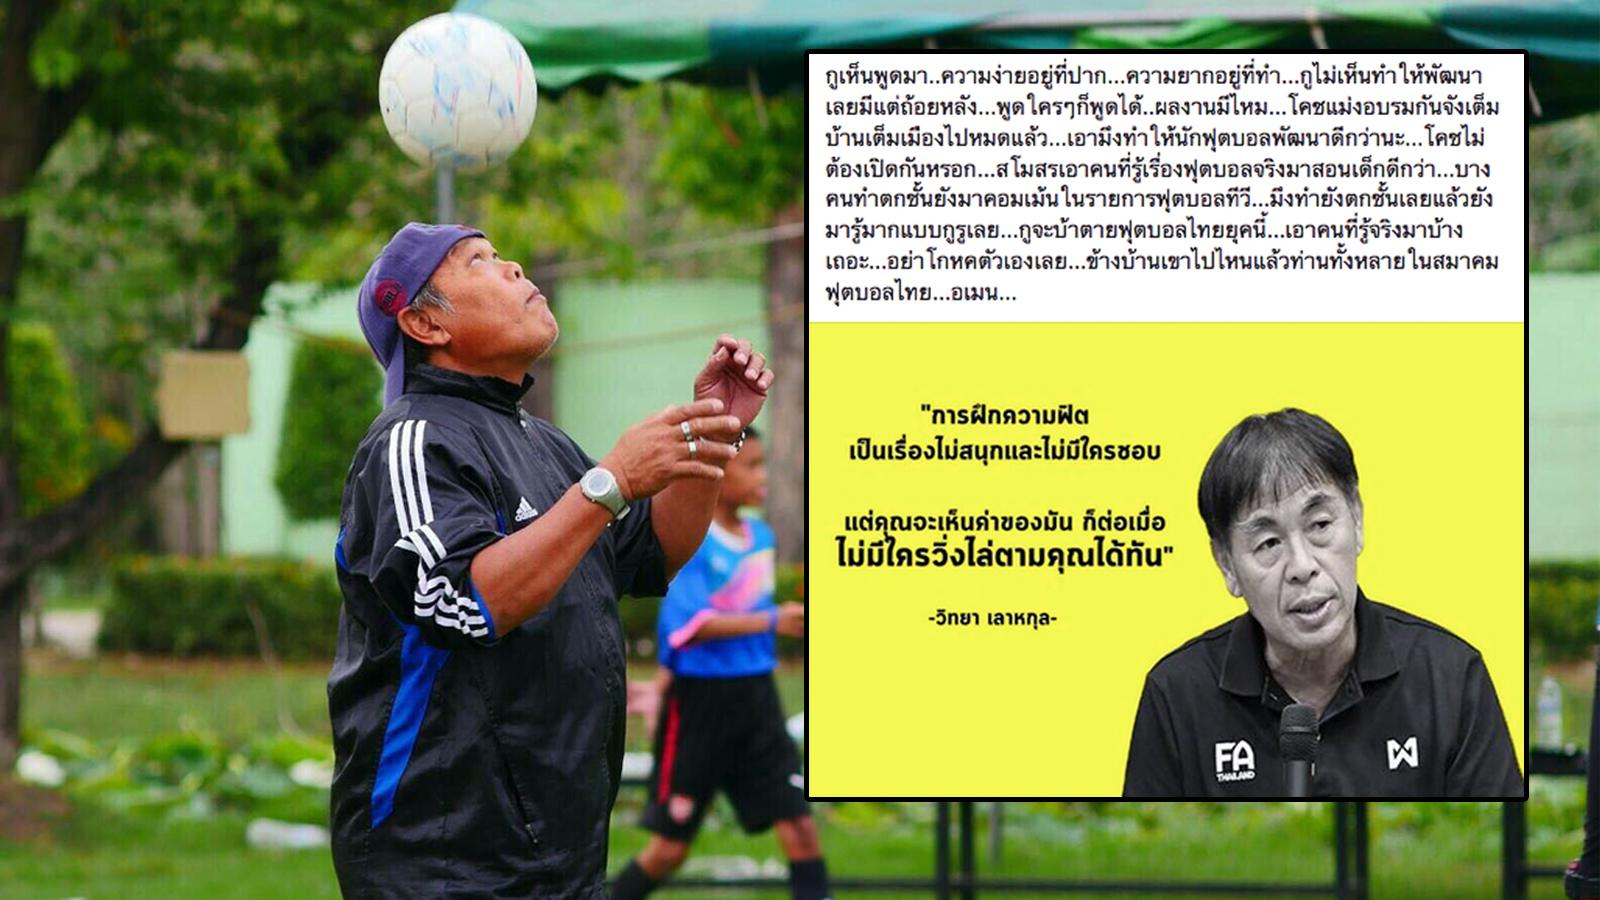 ทีมชาติไทย พิชัย คงศรี สมาคมฟุตบอลแห่งประเทศไทย ไทยลีก